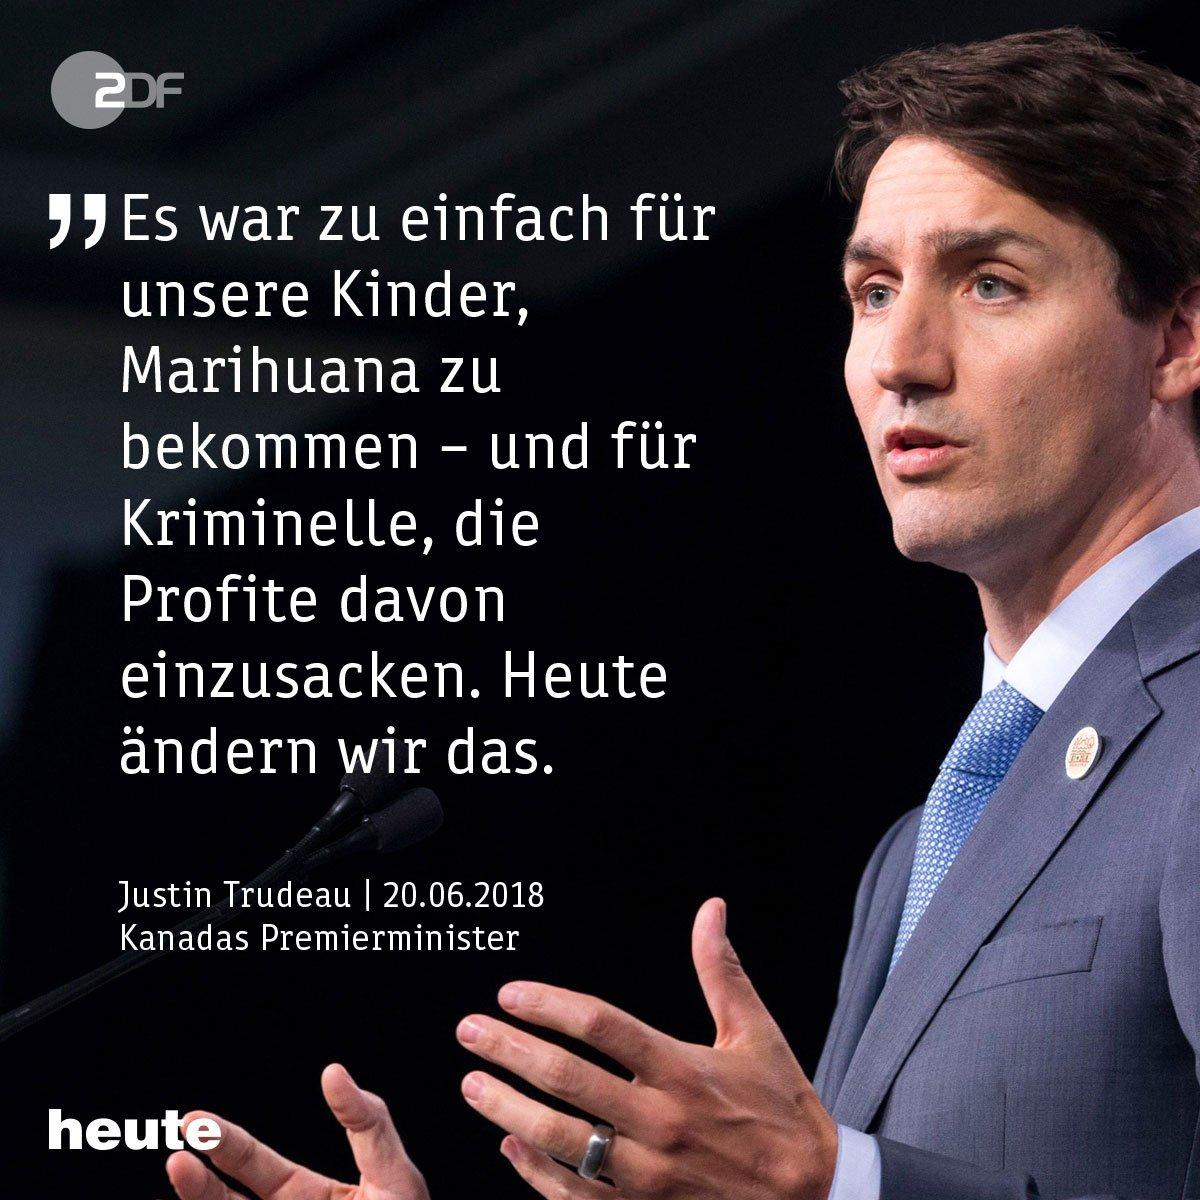 2015 war es ein Wahlkampfversprechen von Justin Trudeau, drei Jahre später ist auch die letzte parlamentarische Hürde überwunden: Kanadas Parlament legalisiert Cannabis.